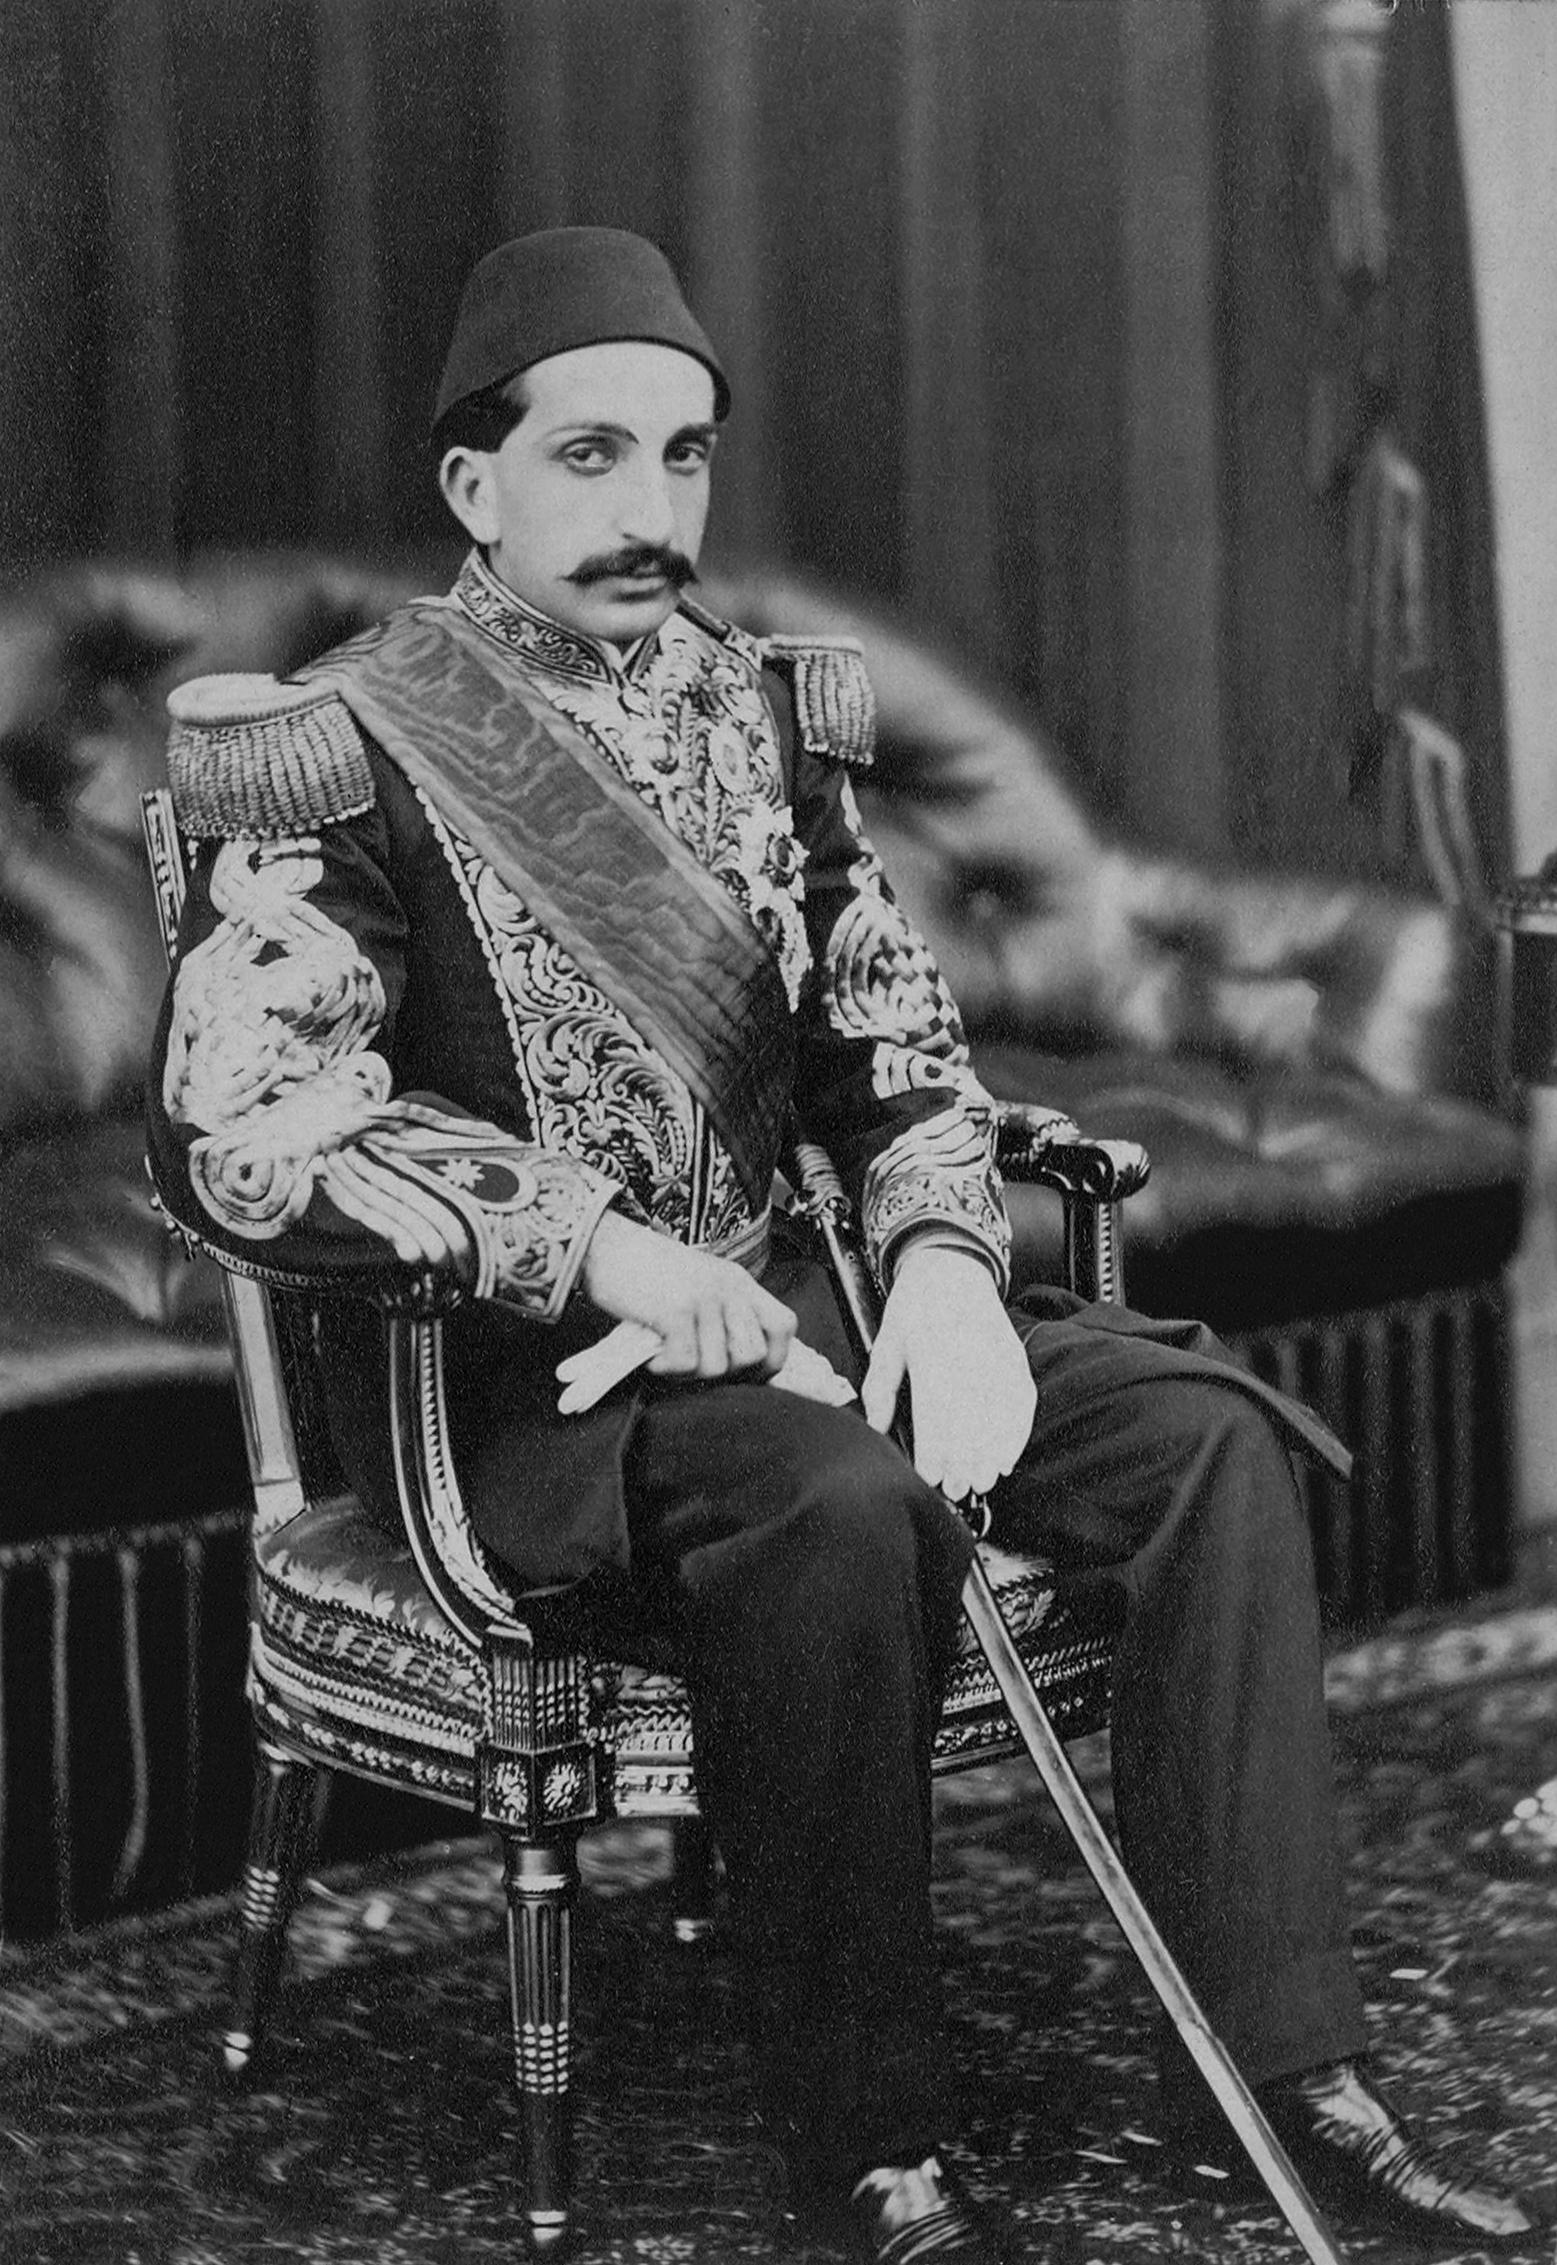 הסולטן עבדול חמיד השני כפי שצולם ב 1867 - מקור: collection at the Library of Congress